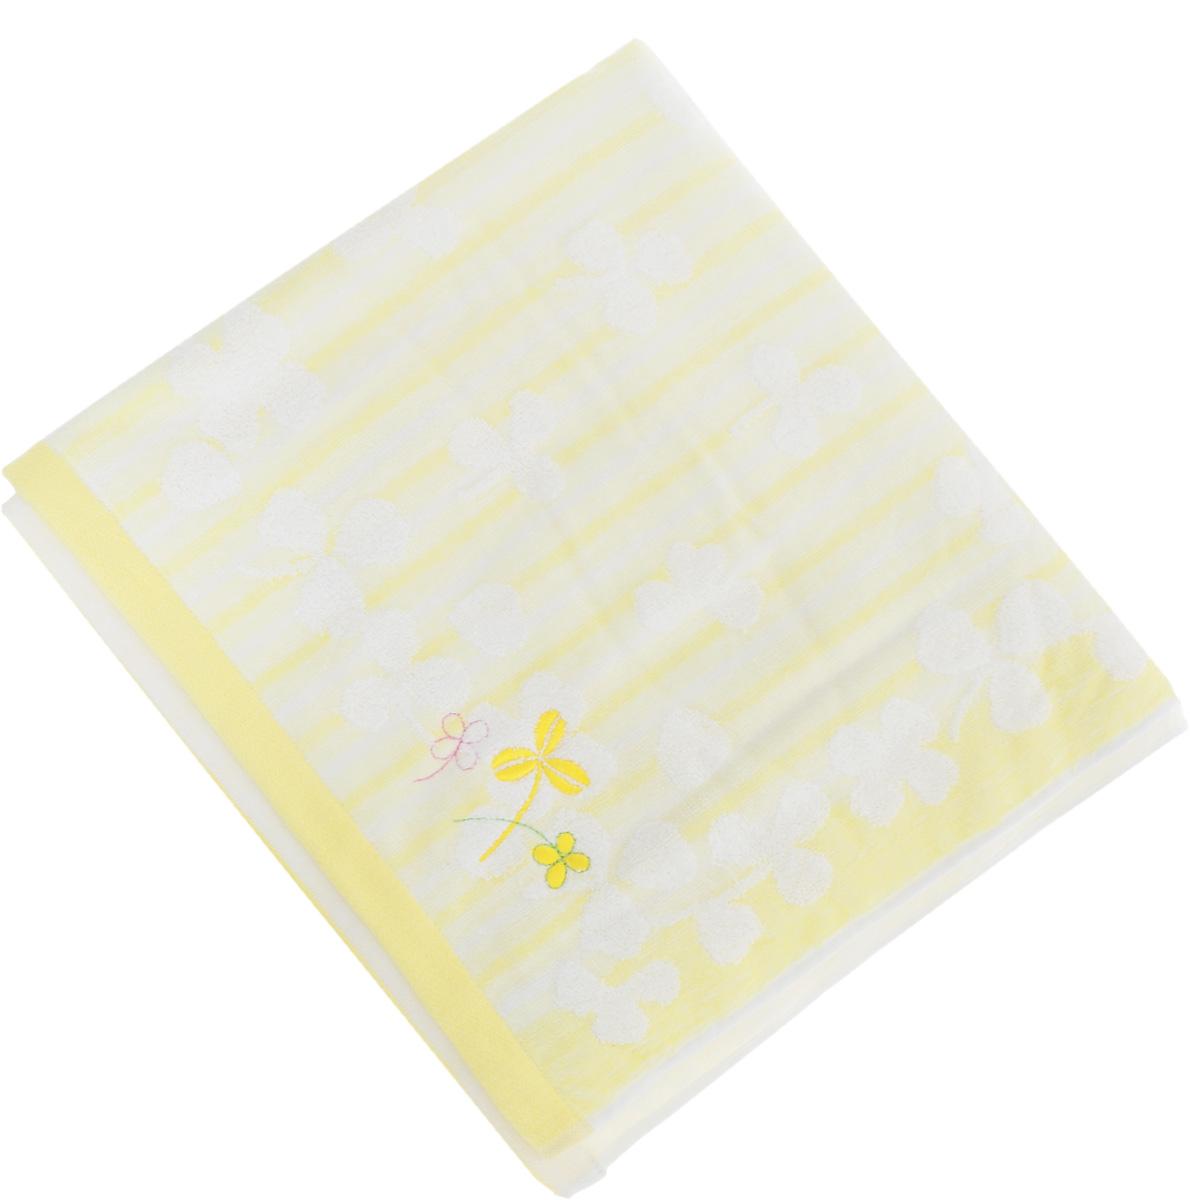 Полотенце Soavita Desy, цвет: желтый, 48 х 90 см68/5/3Полотенце Soavita Desy выполнено из 100% хлопка. Изделие отлично впитывает влагу, быстро сохнет, сохраняет яркость цвета и не теряет форму даже после многократных стирок. Полотенце очень практично и неприхотливо в уходе. Оно создаст прекрасное настроение и украсит интерьер в ванной комнате.